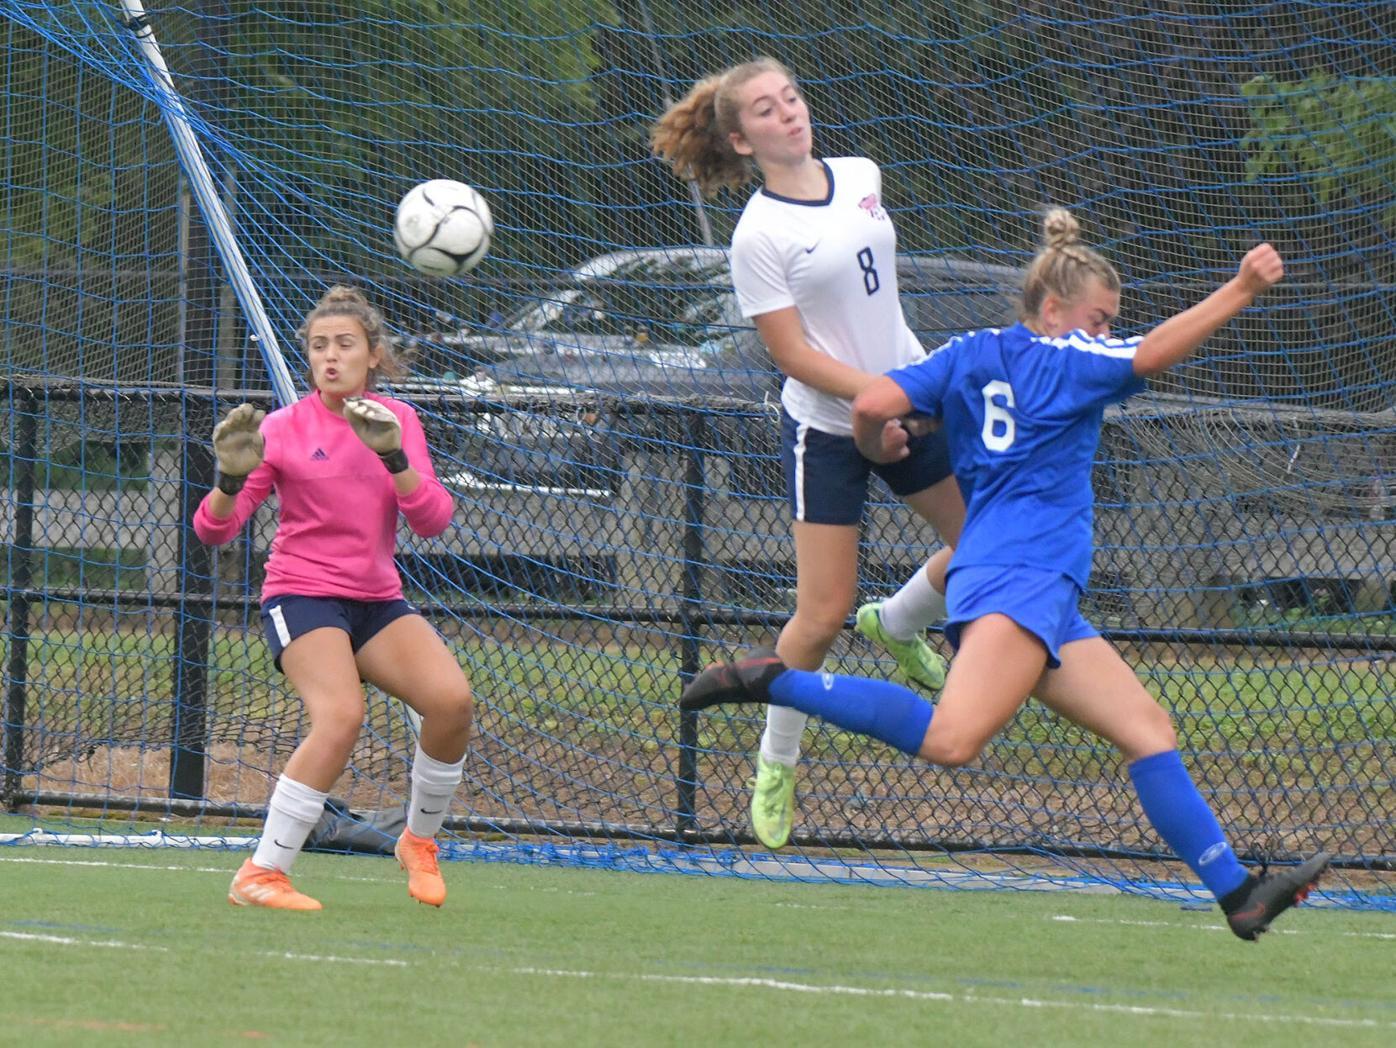 091721 SU WI Girl Soccer 01.jpg